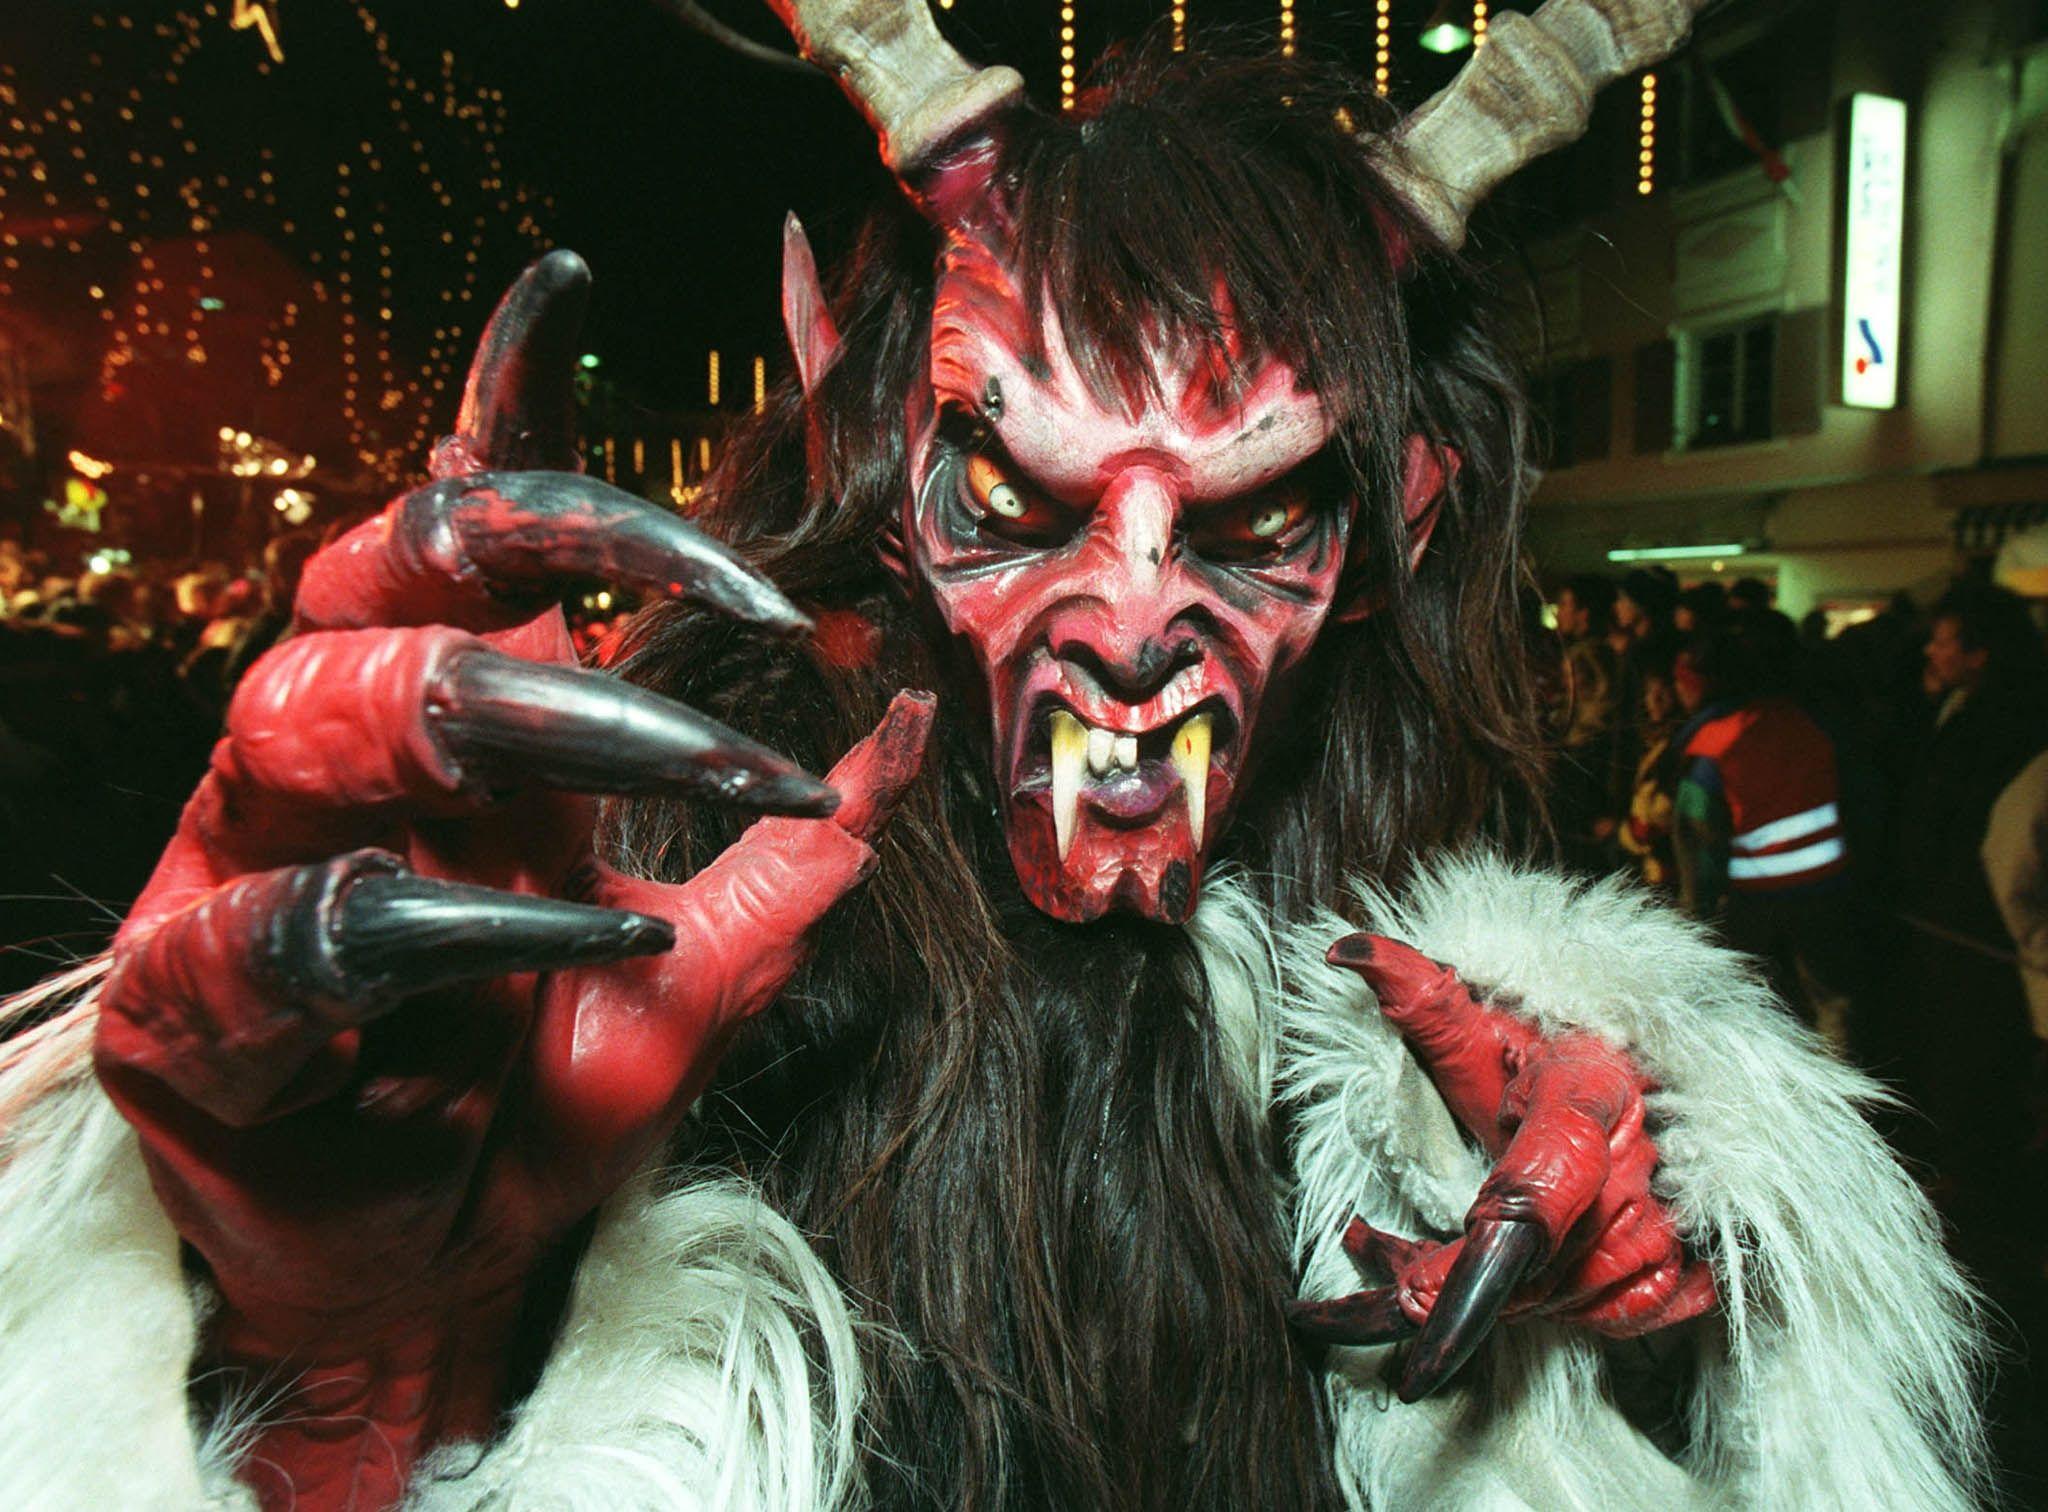 Un homme vêtu d'un costume de démon lors d'un défilé à Schladming en Autriche.